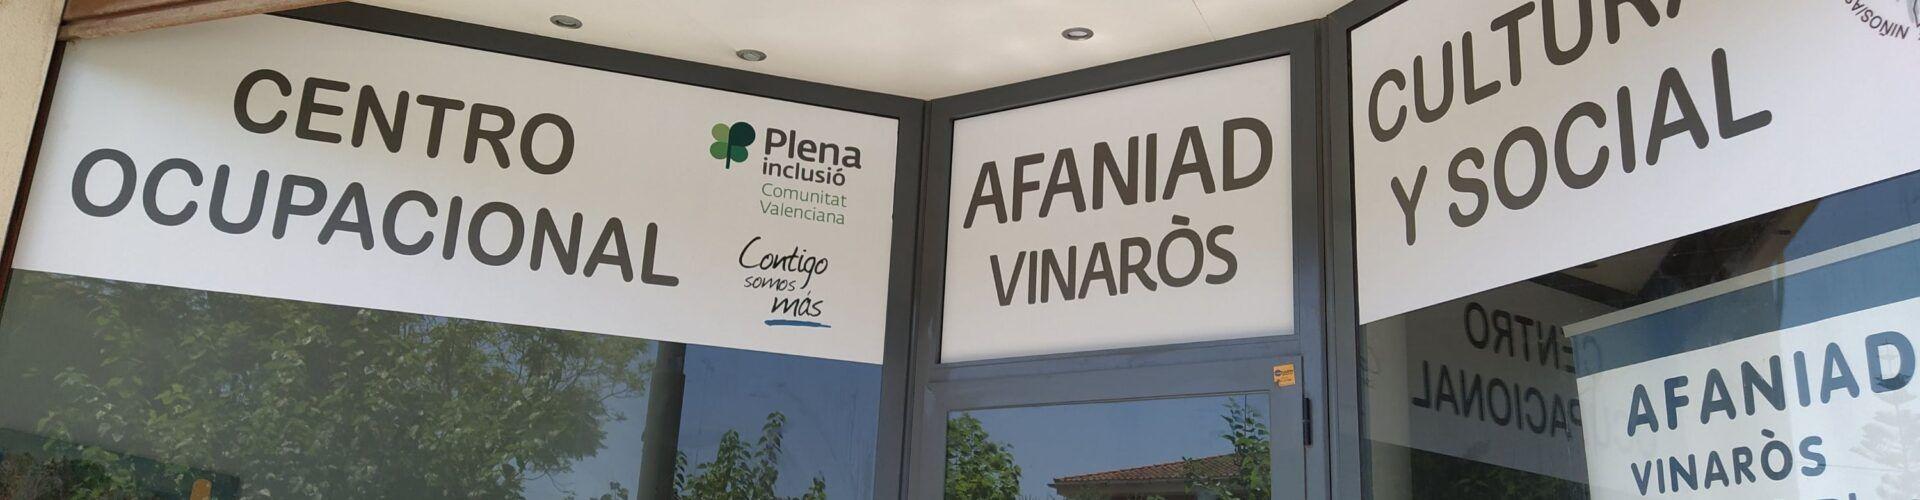 AFANIAD Vinaròs ofrecerá en su librería social libros, cd's y dvd's a precio libre